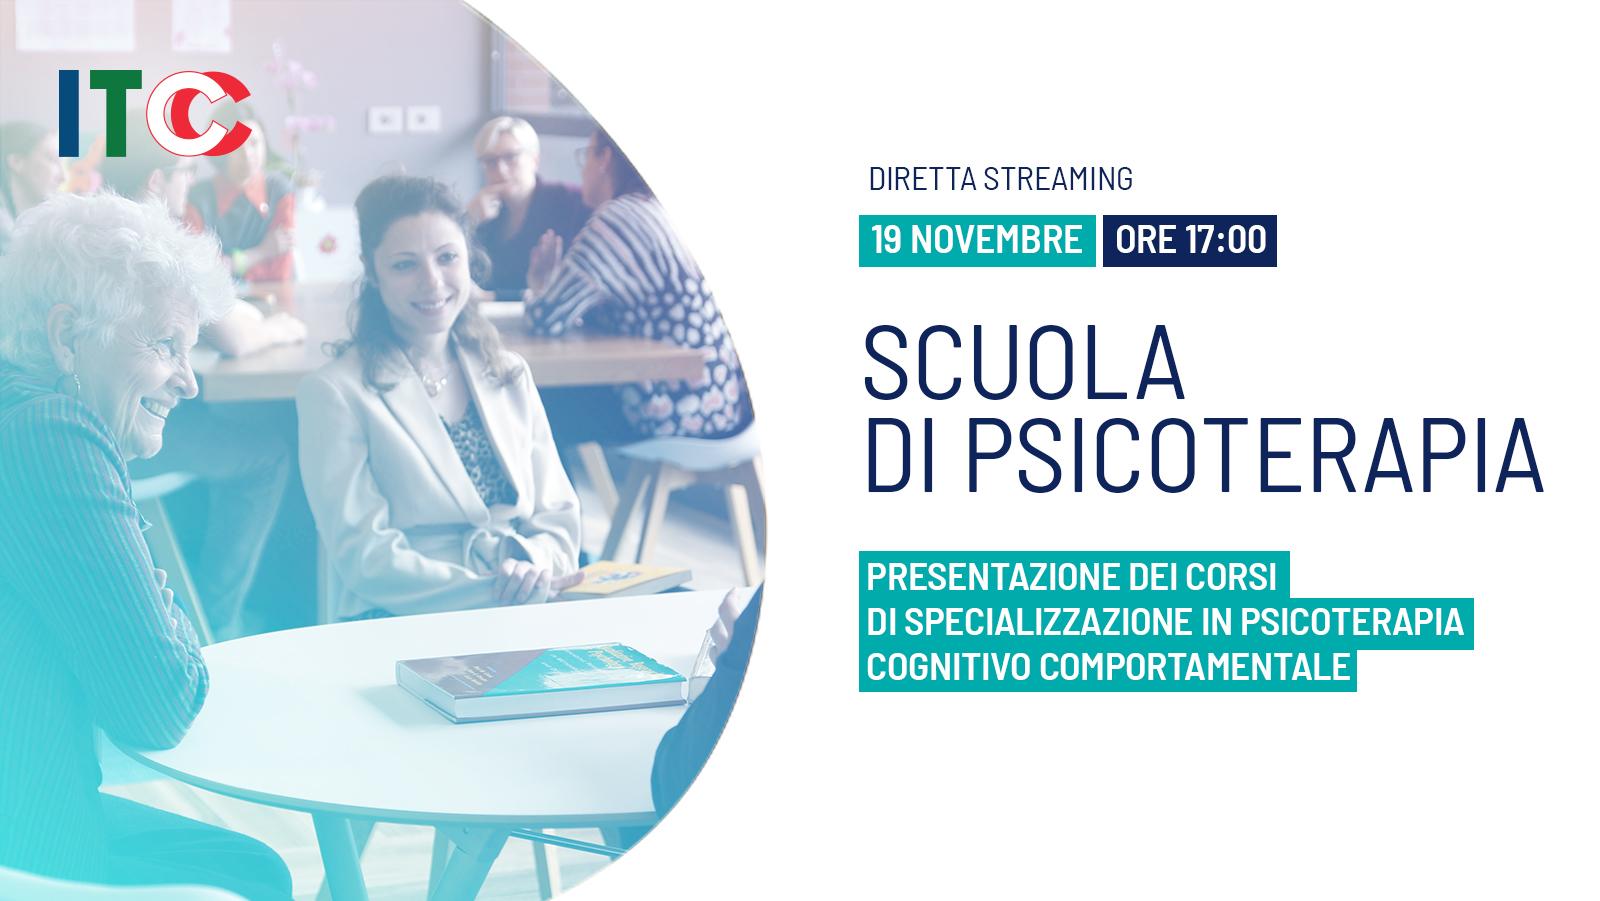 Presentazione dei corsi di Specializzazione in Psicoterapia Cognitivo Comportamentale - Studi Cognitivi